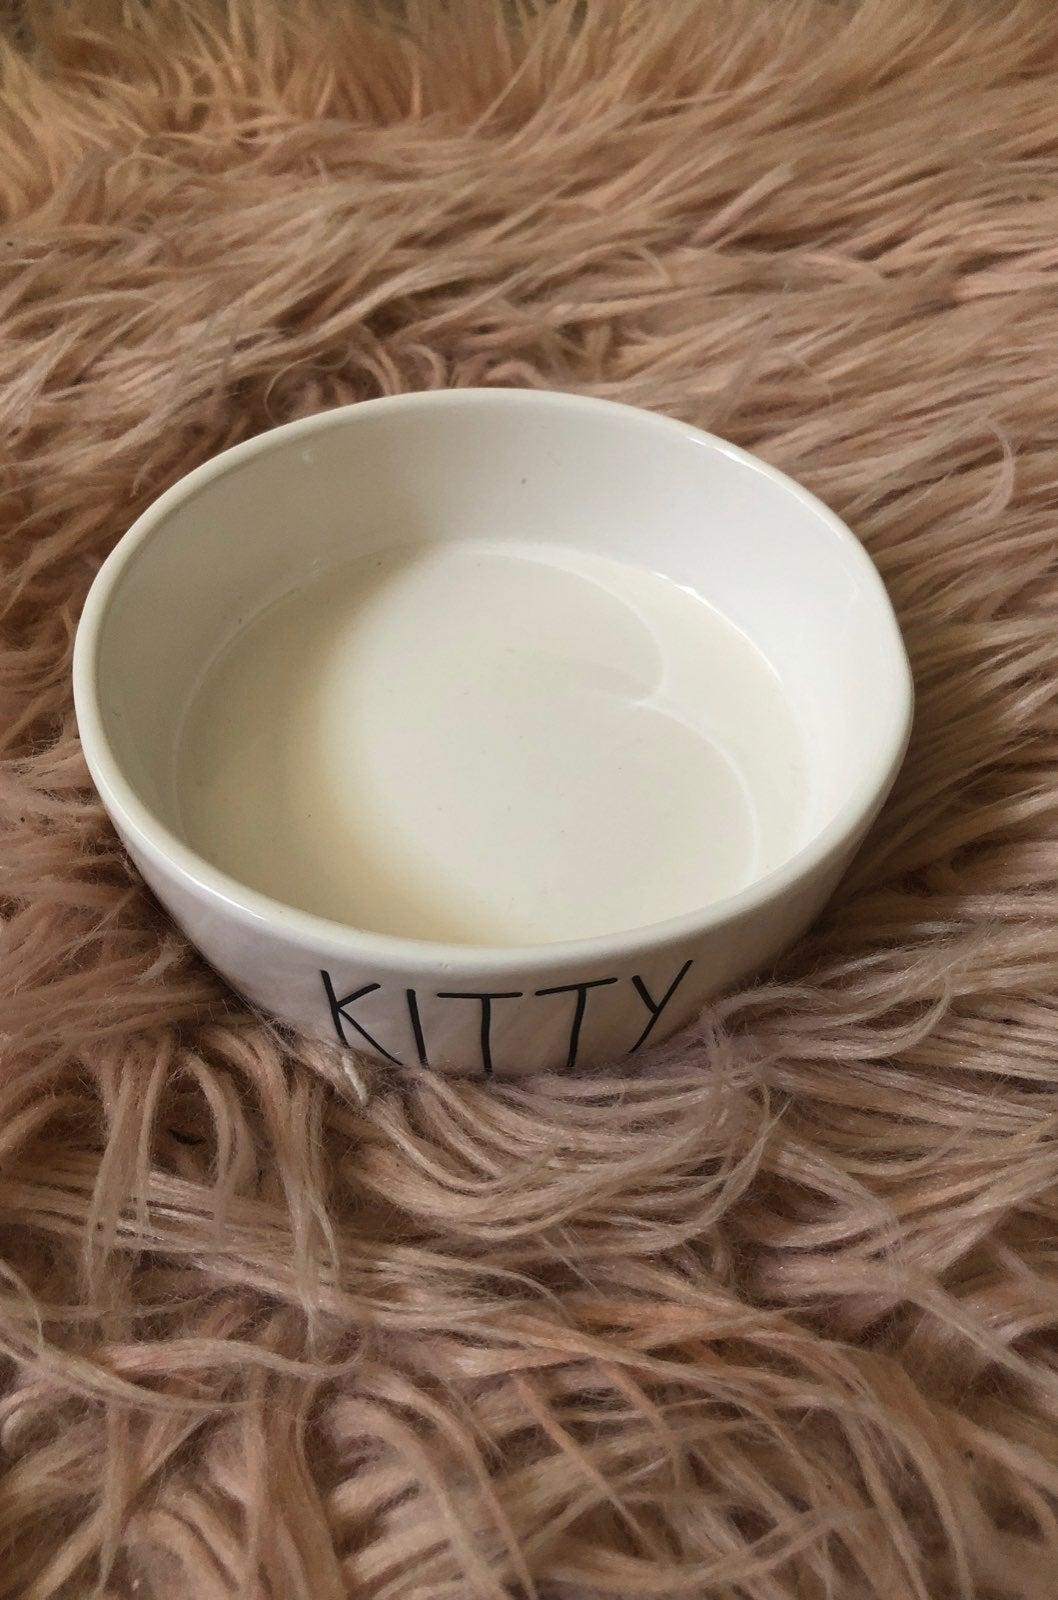 Rae Dunn kitty bowl